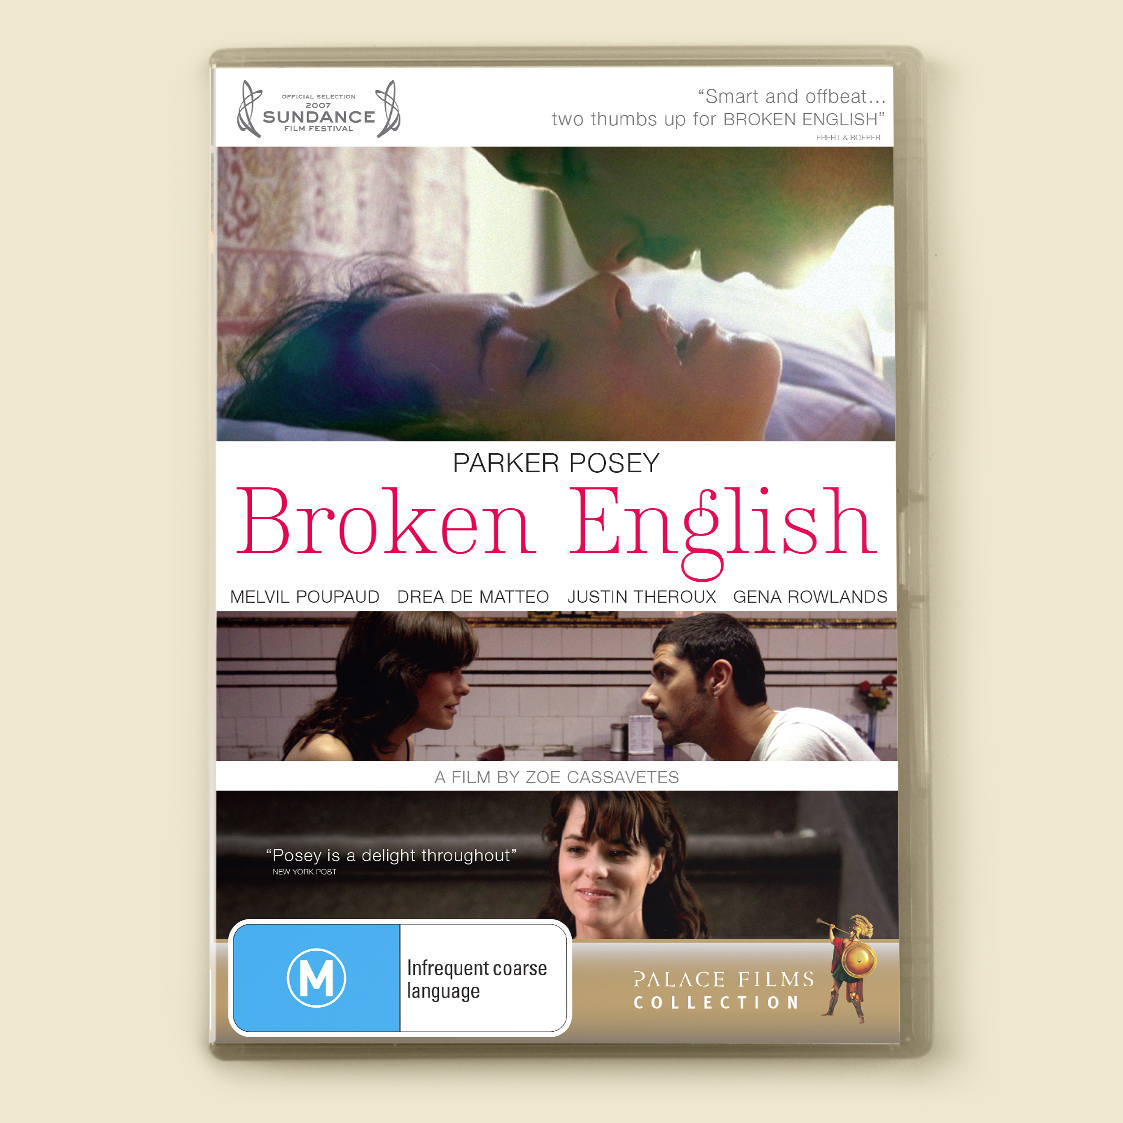 19_BrokenEnglish.jpg